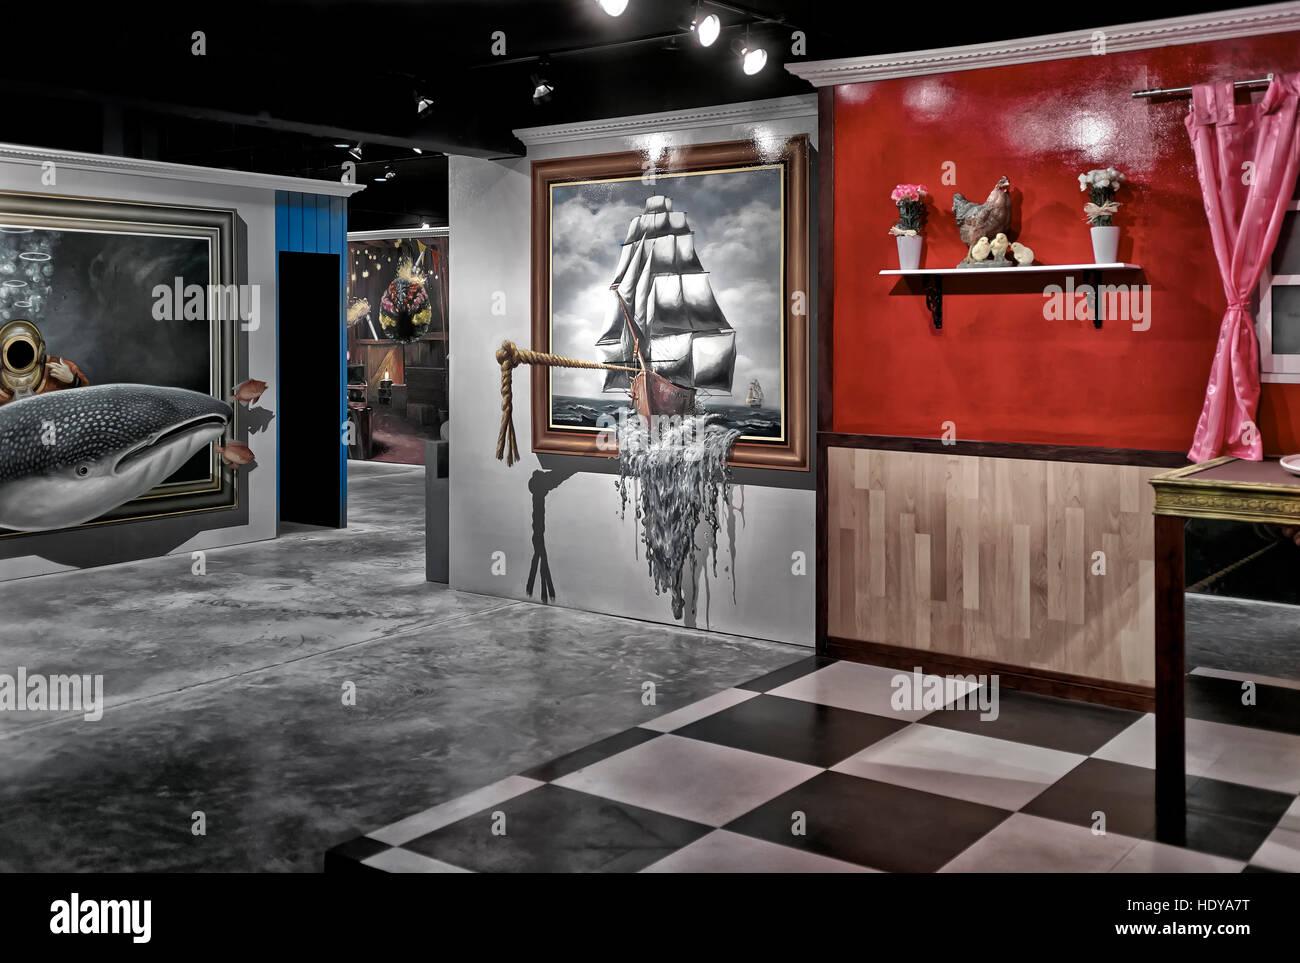 Interieur eine optische Täuschung Trick Kunstzentrum mit einer Reihe ...